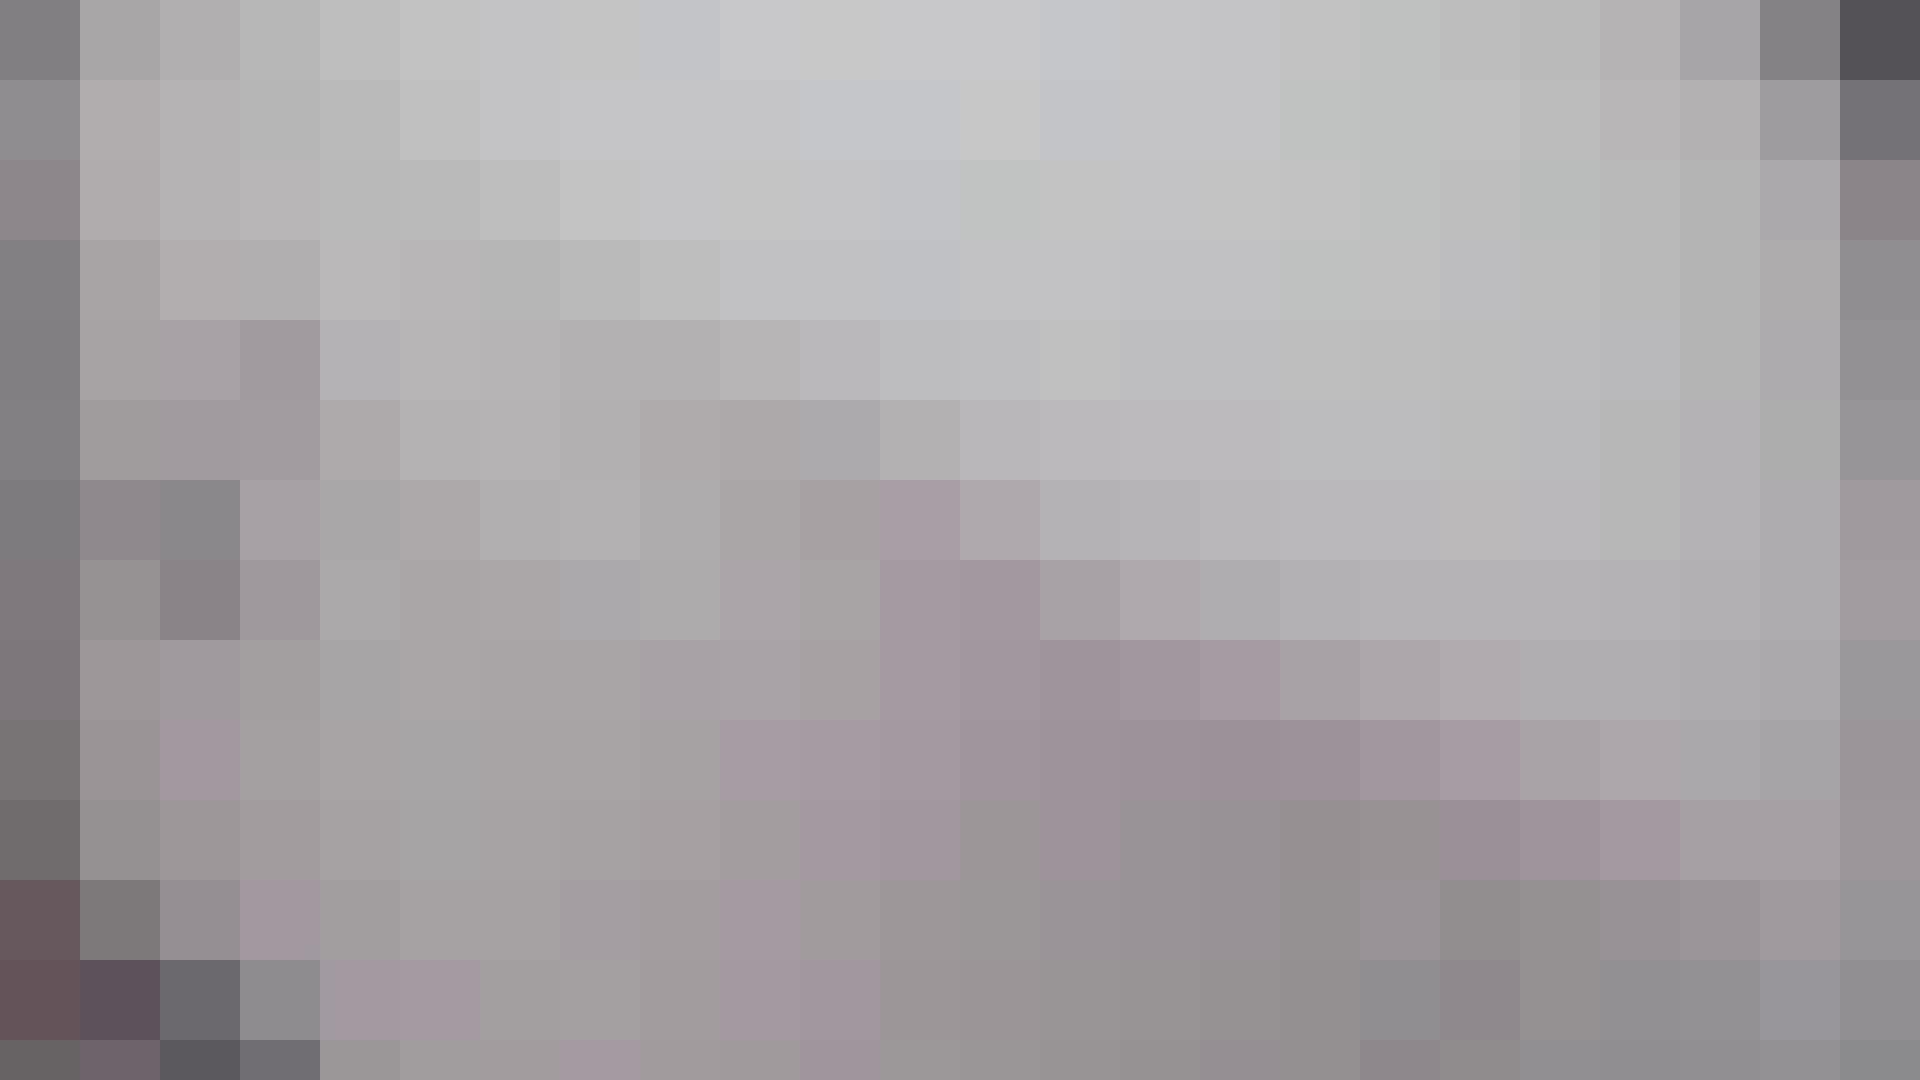 世界の射窓から vol.36 お姉さんのSEX SEX無修正画像 91枚 22